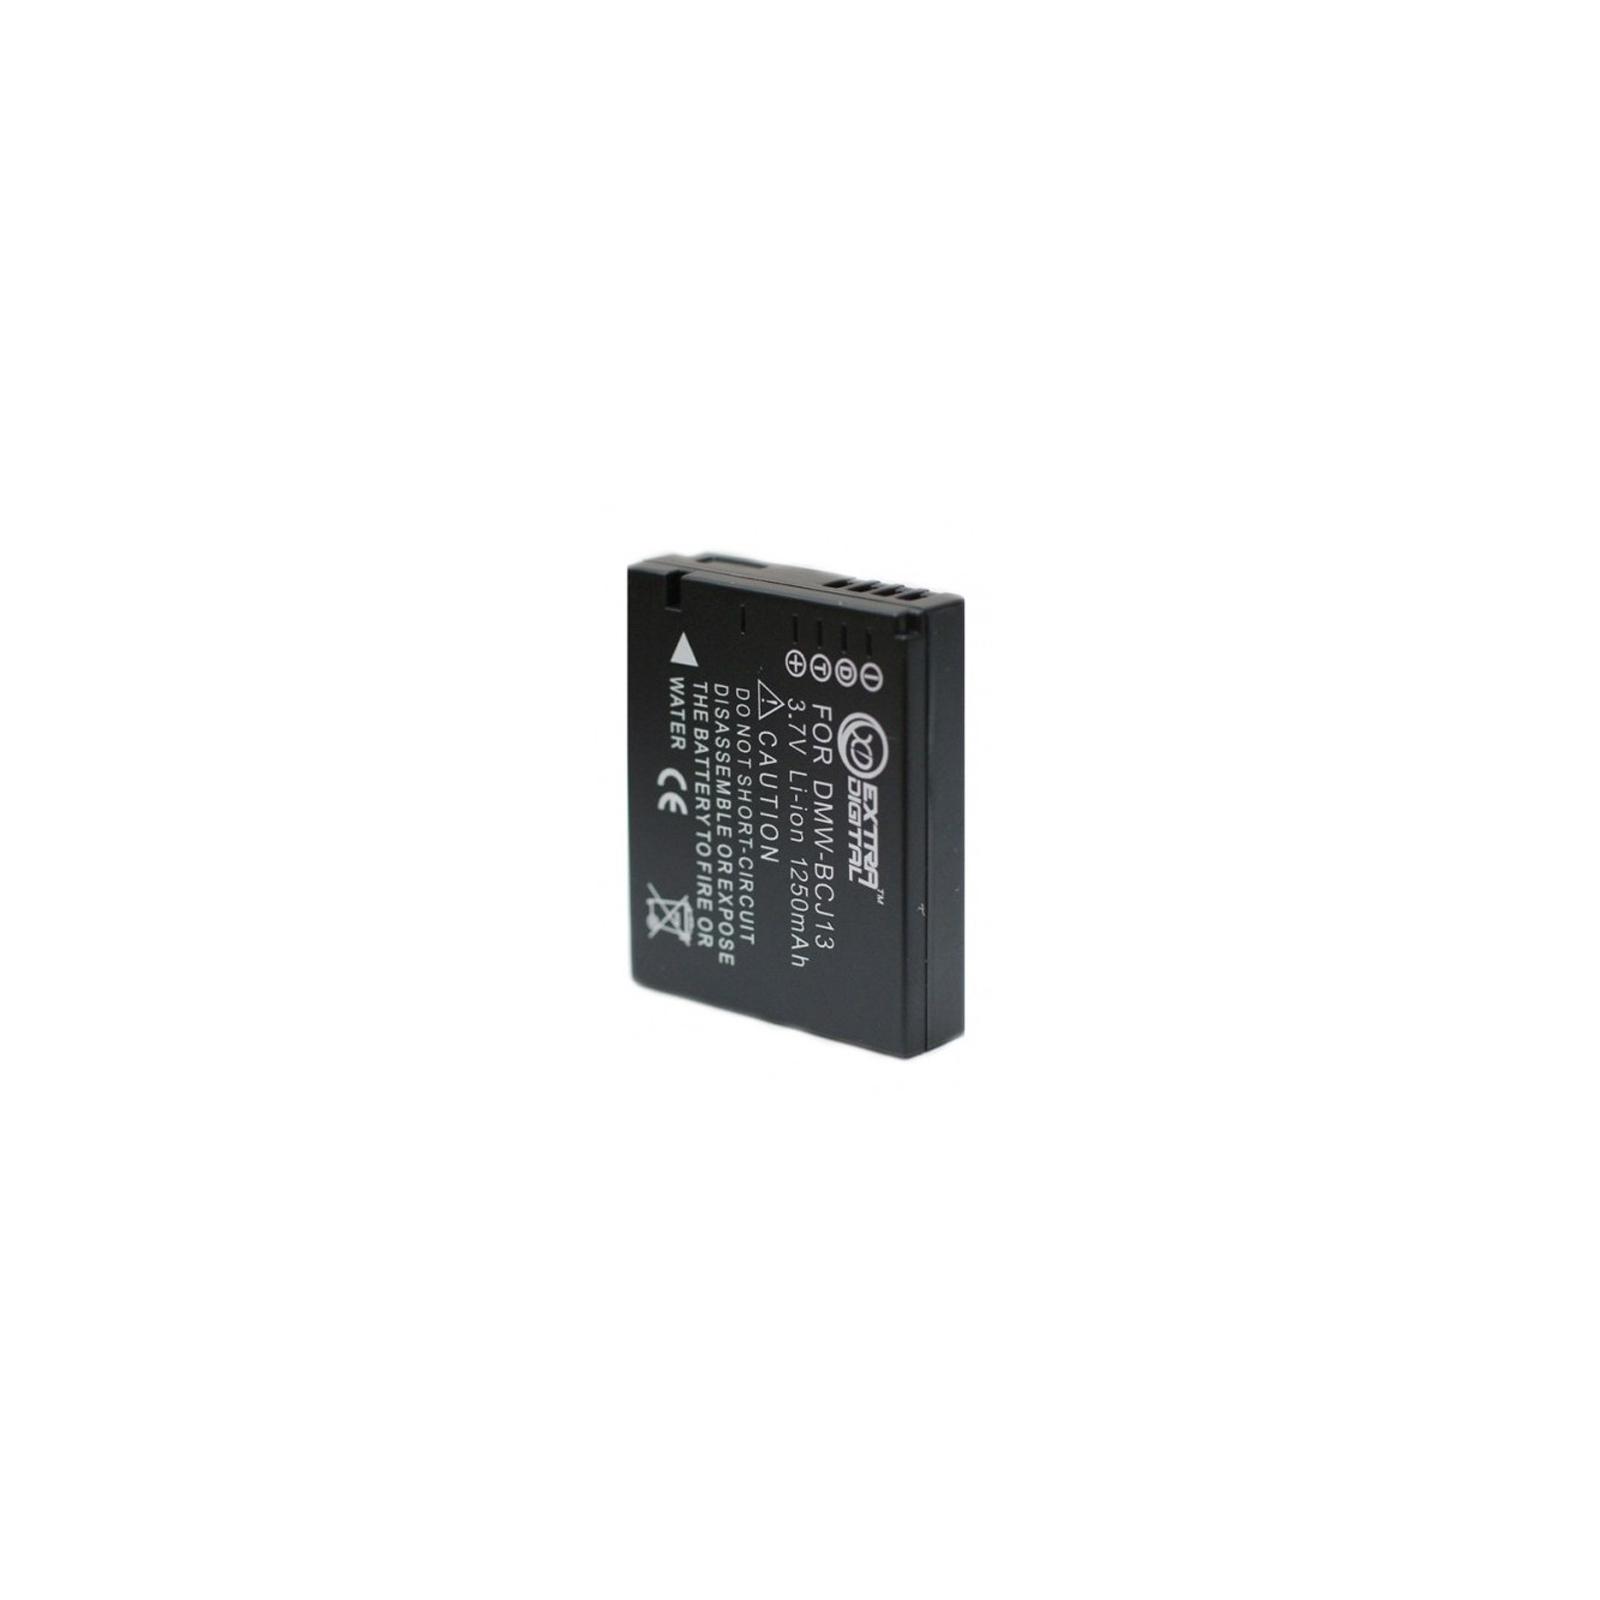 Аккумулятор к фото/видео EXTRADIGITAL Panasonic DMW-BCJ13 (BDP2560) изображение 2